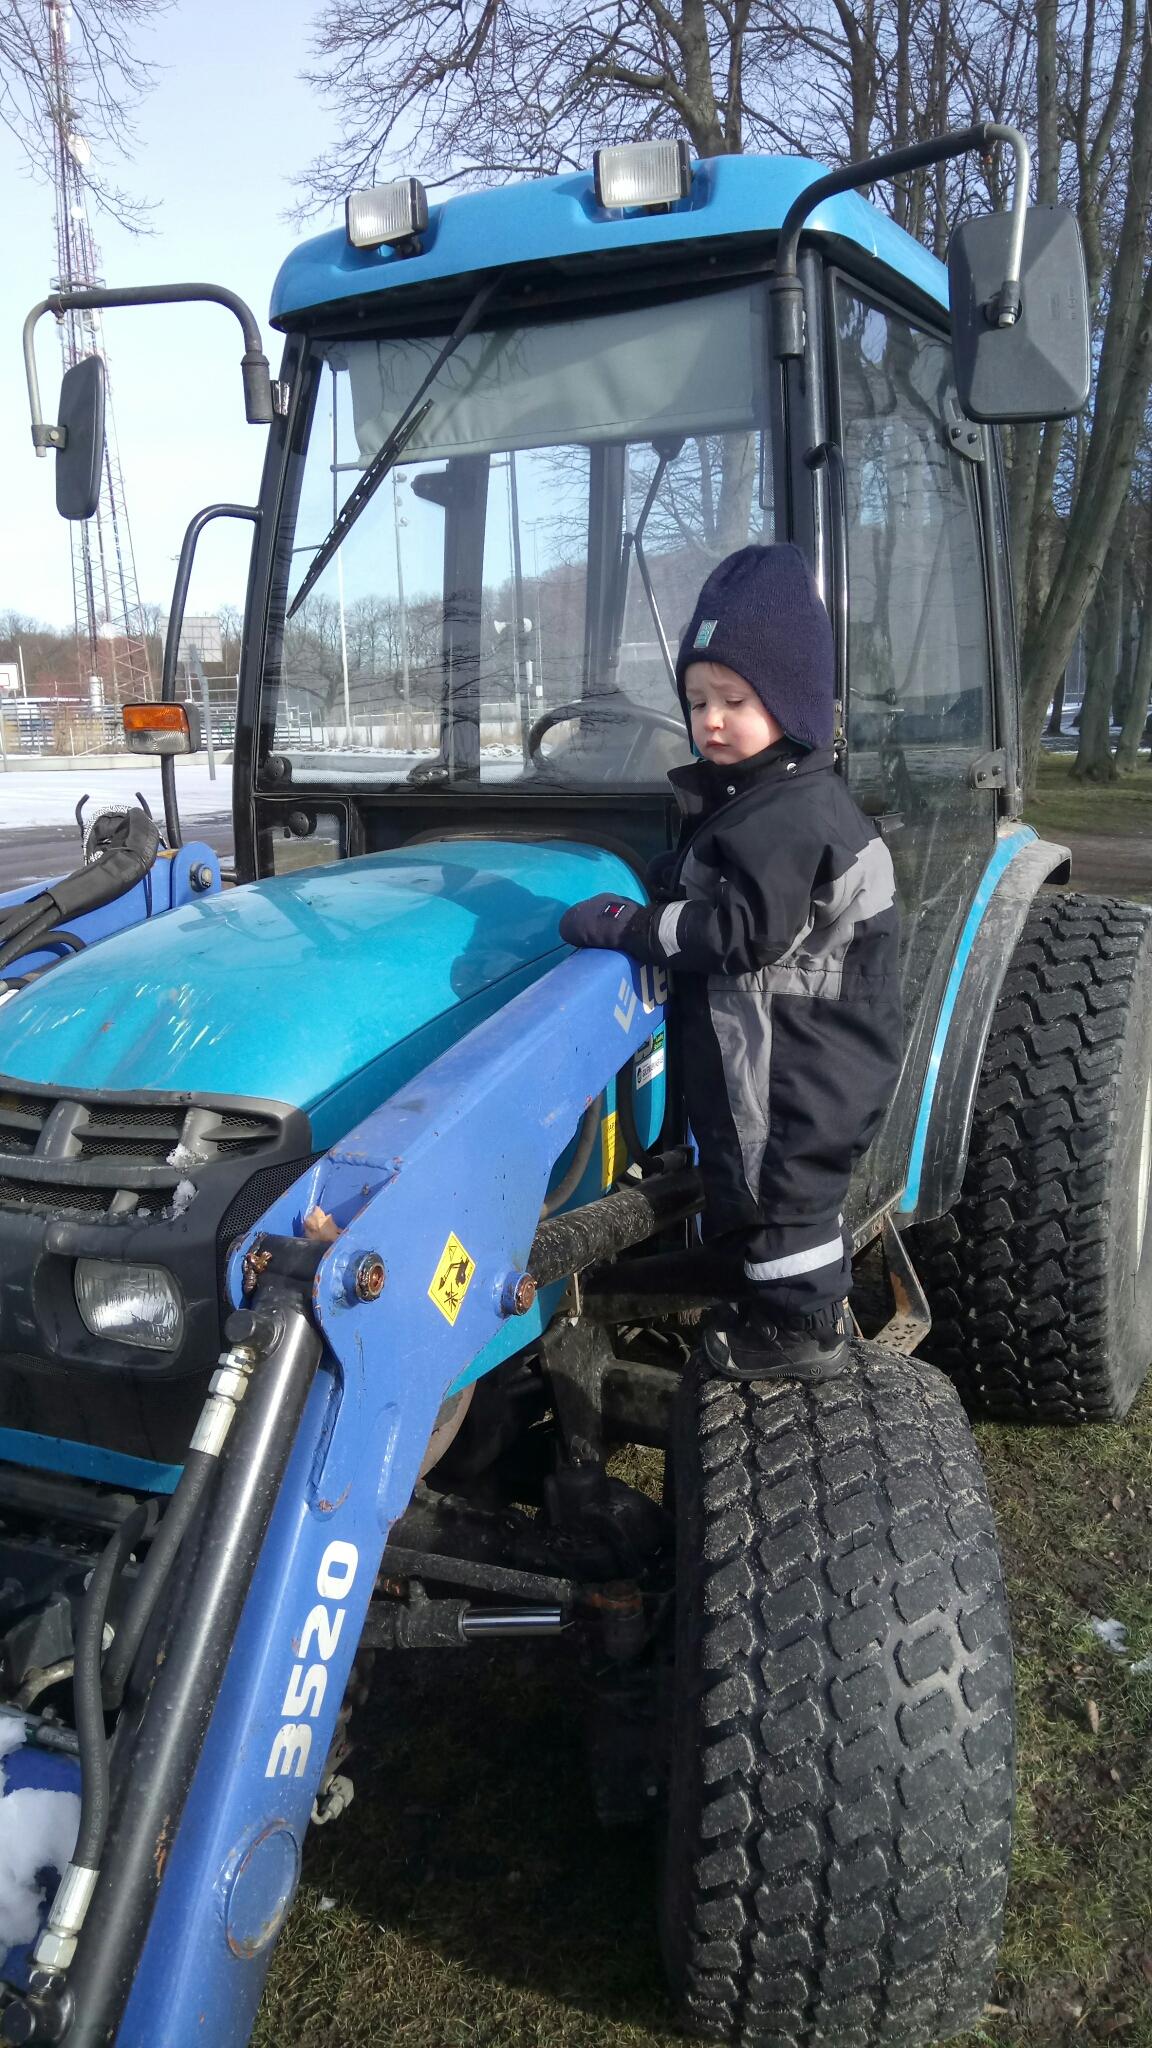 Willem står på traktorhjul